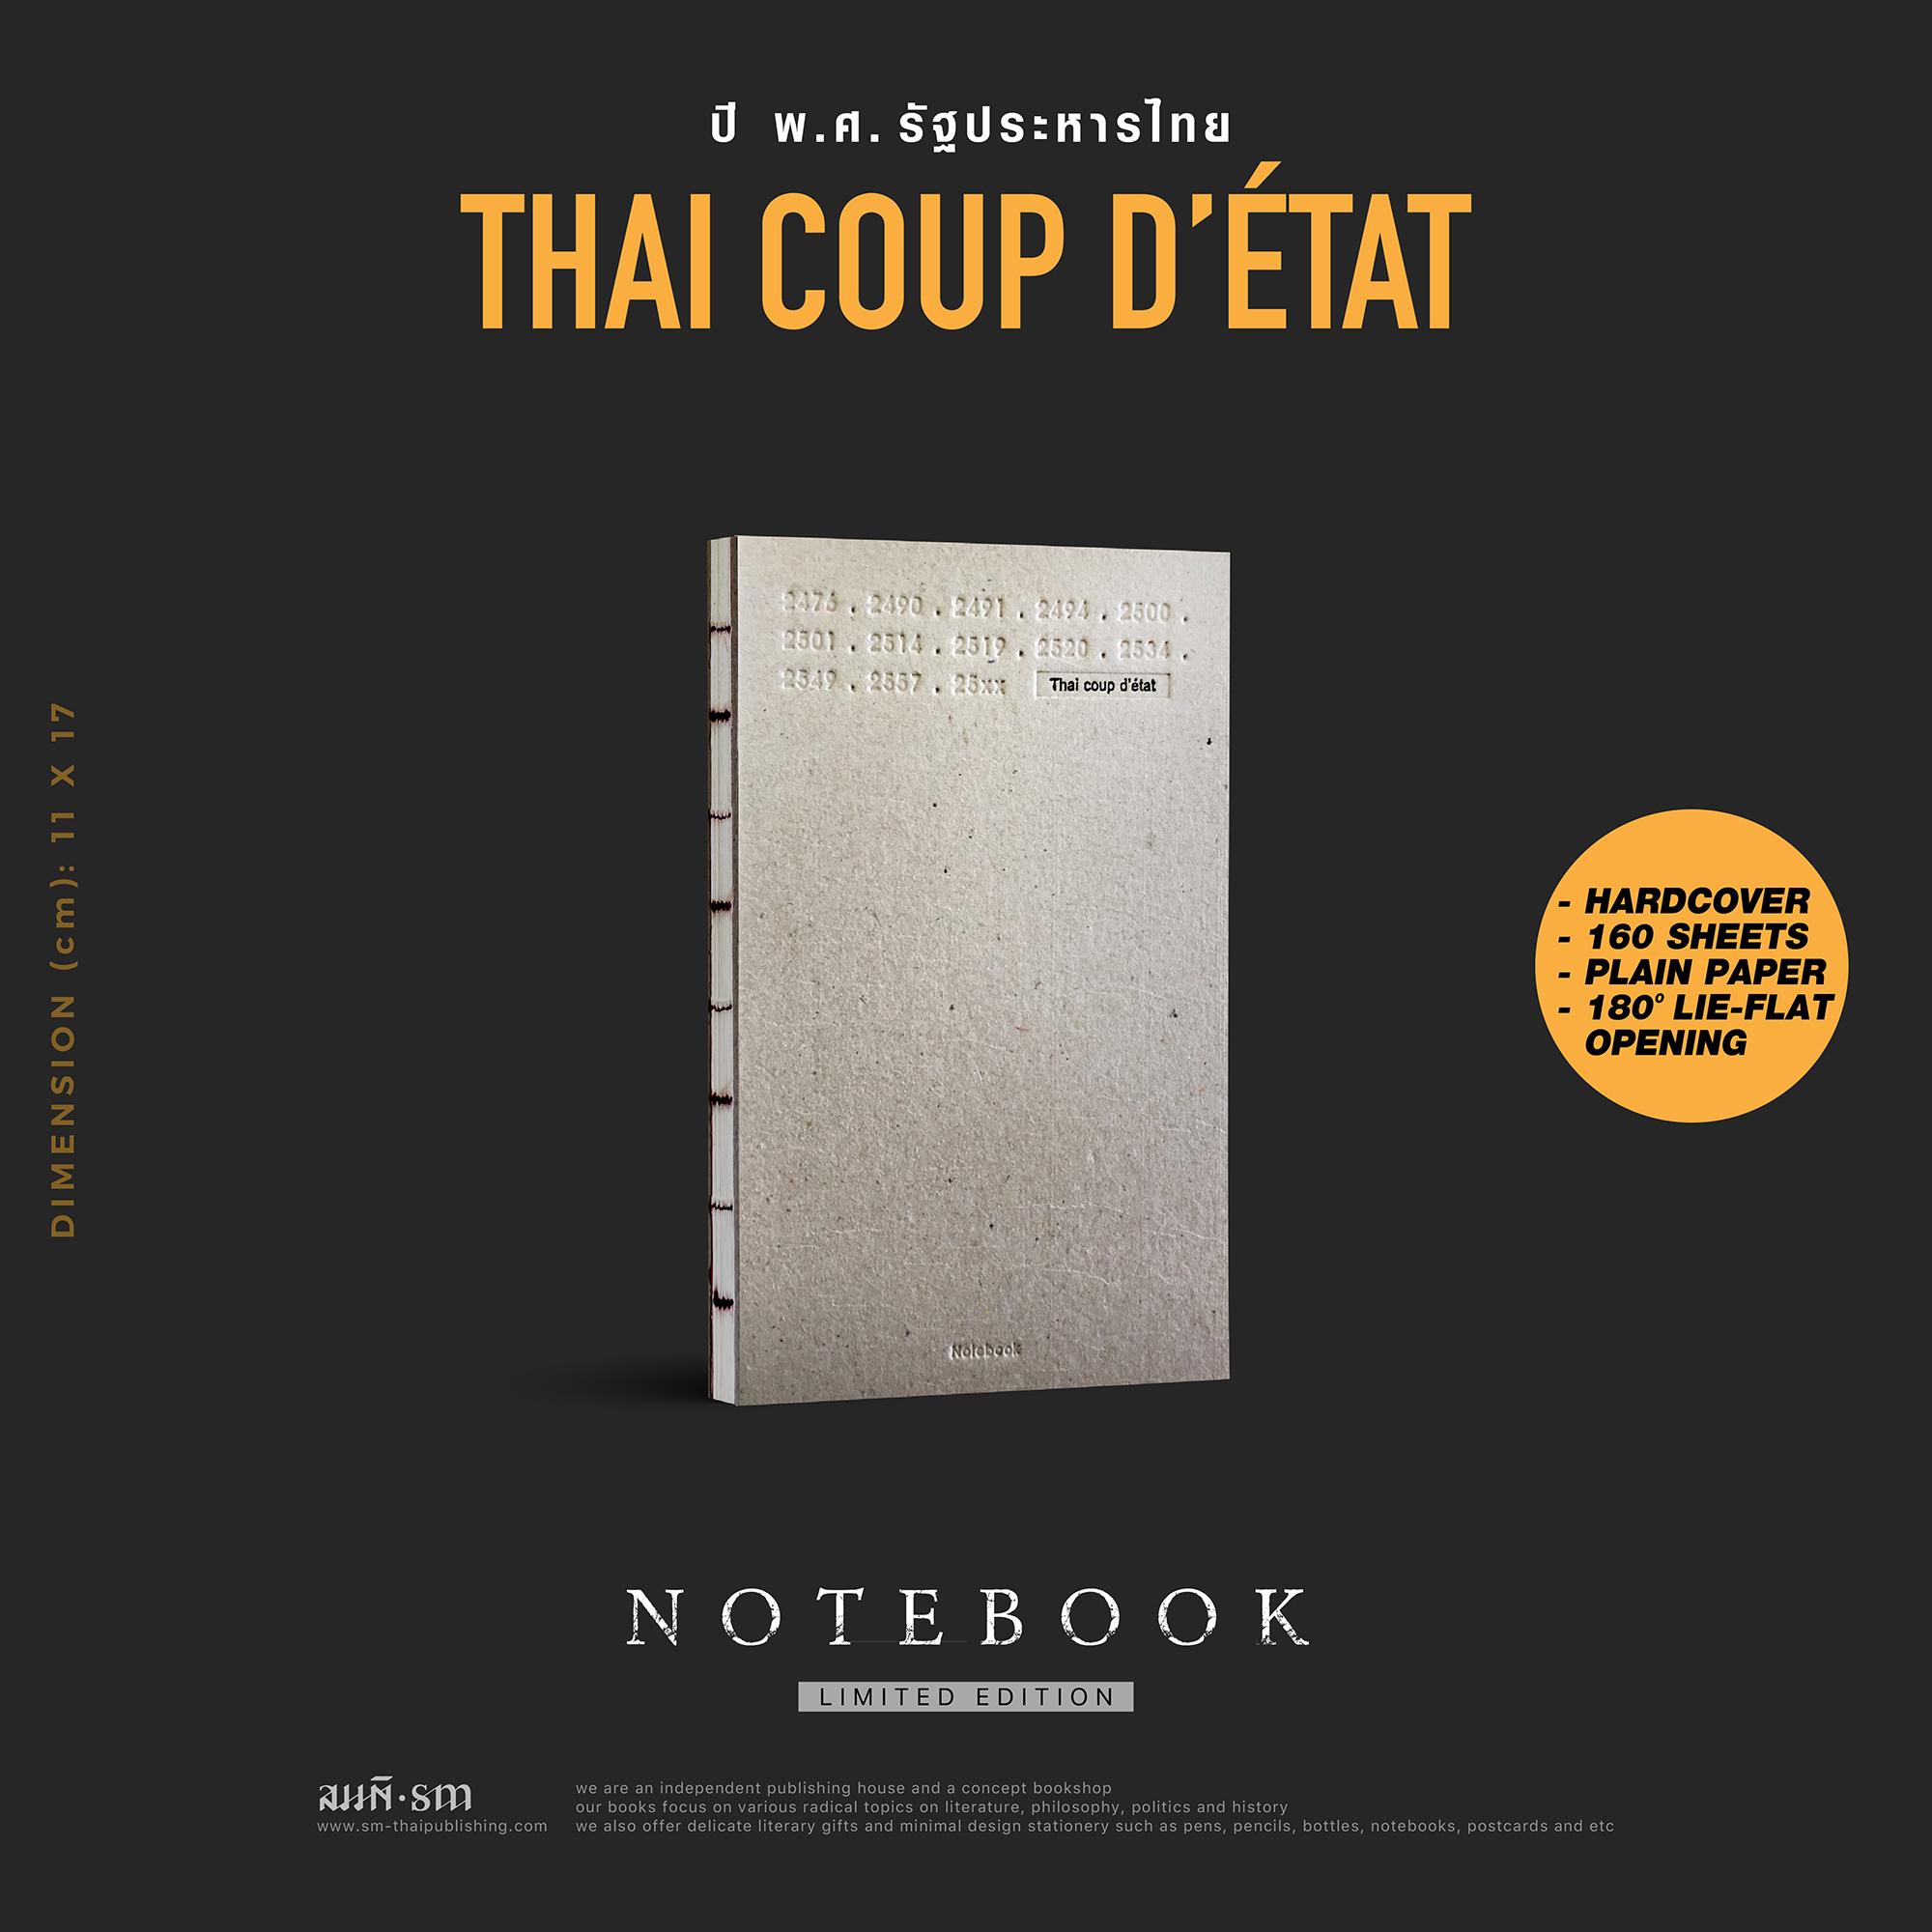 รัฐประหาร Notebook Thai Coup | สมุดบันทึกลายปีรัฐประหารในไทย